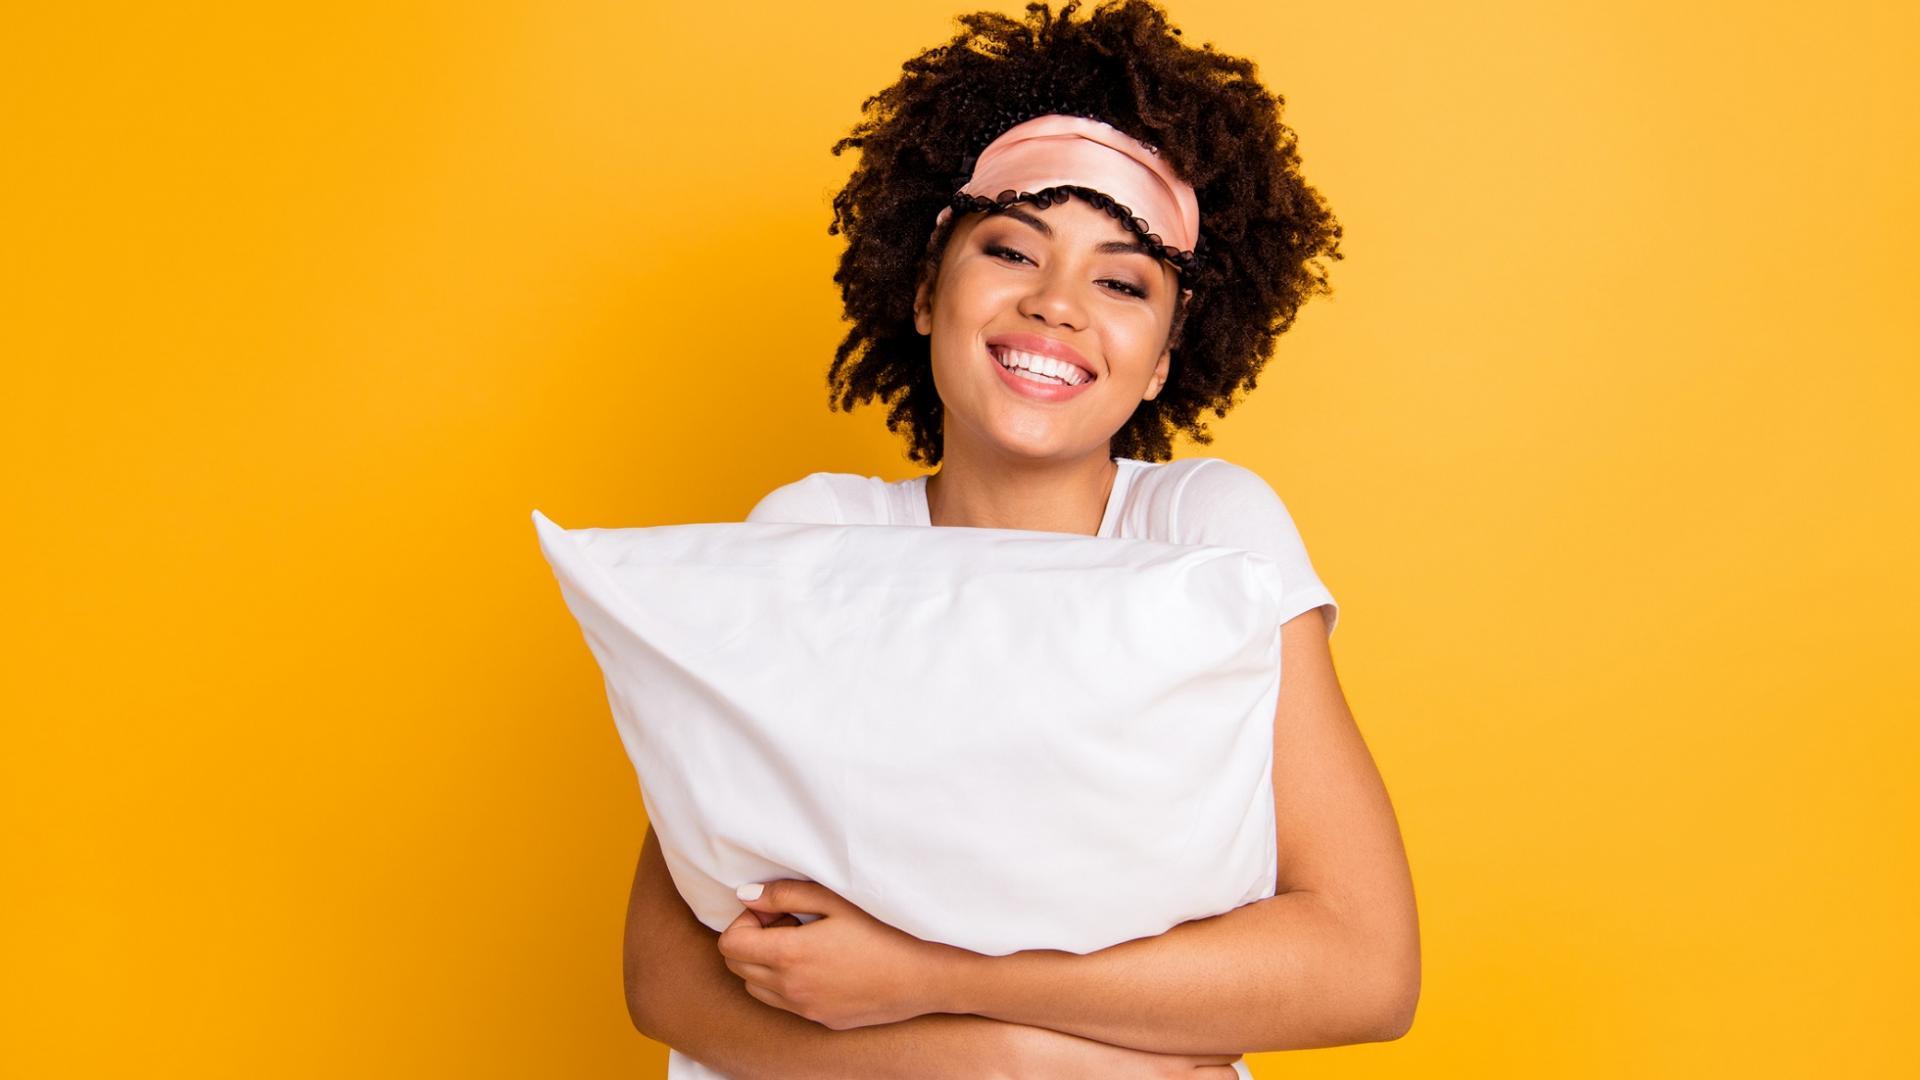 hübsche junge lächelnde Frau mit dunklen Haaren und dunkler Haut trägt Schlafmaske und hält ein Kissen in der Hand